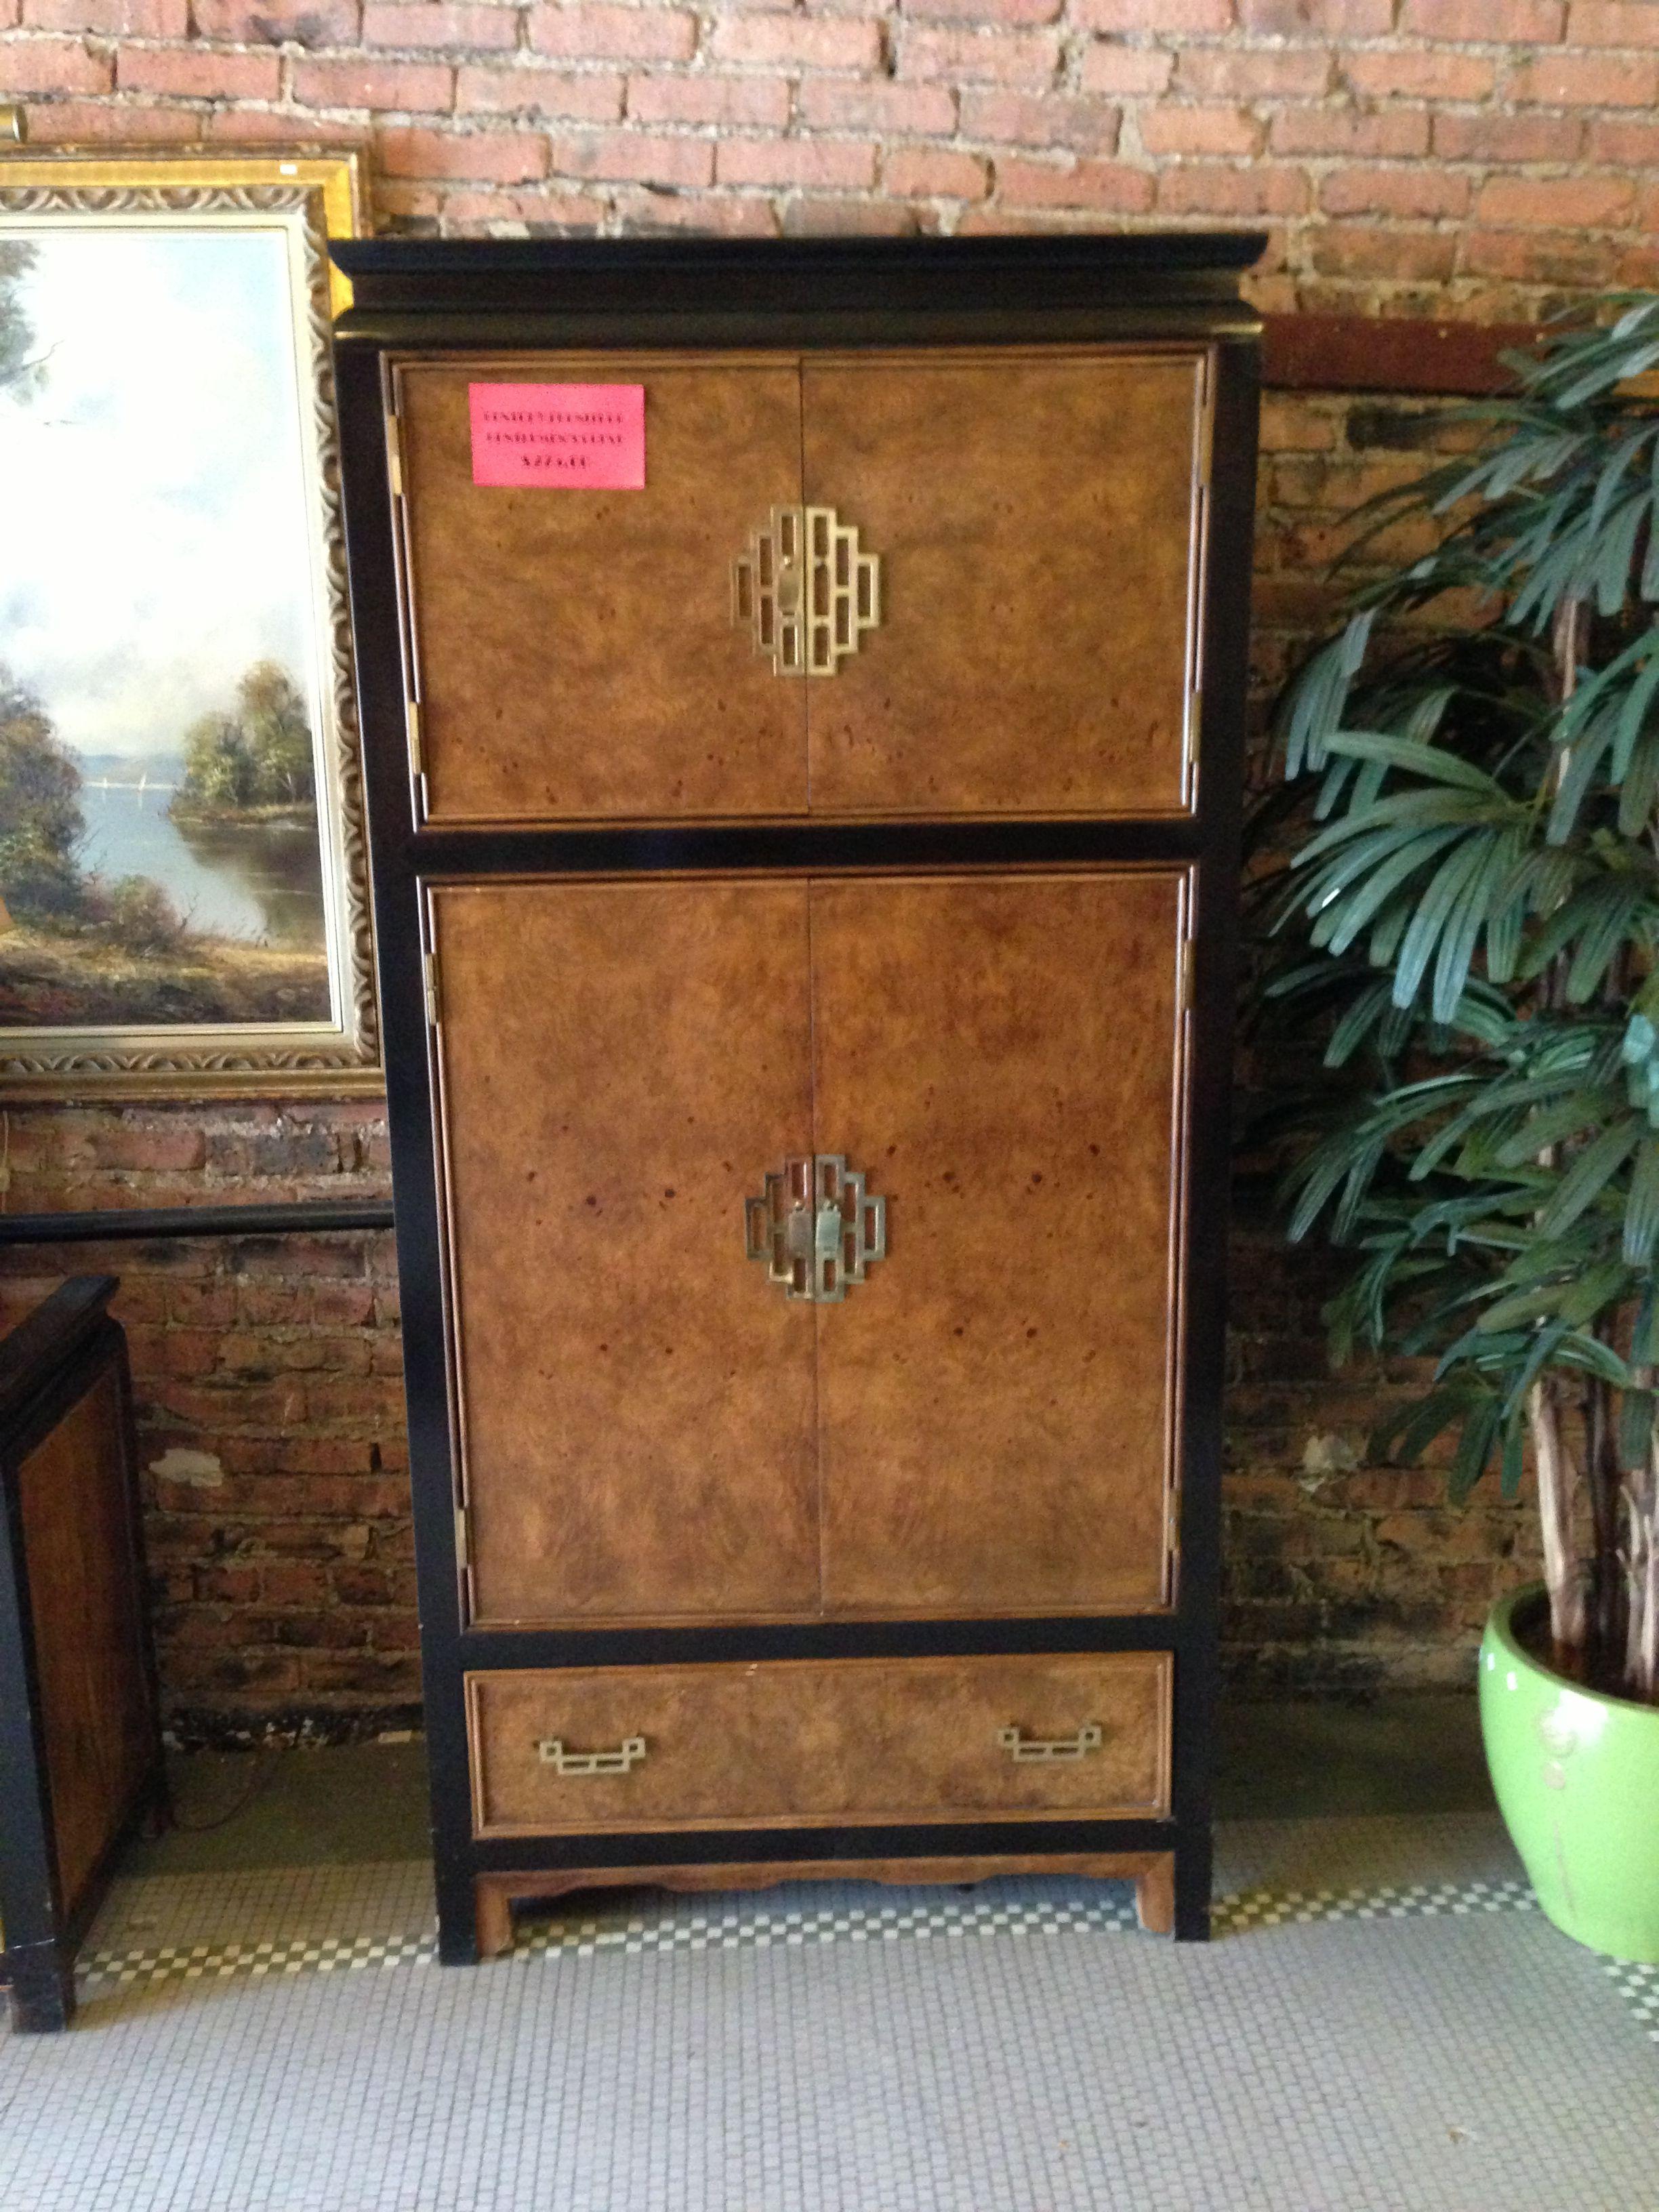 Armoires & Wardrobes Century Furniture Armoire